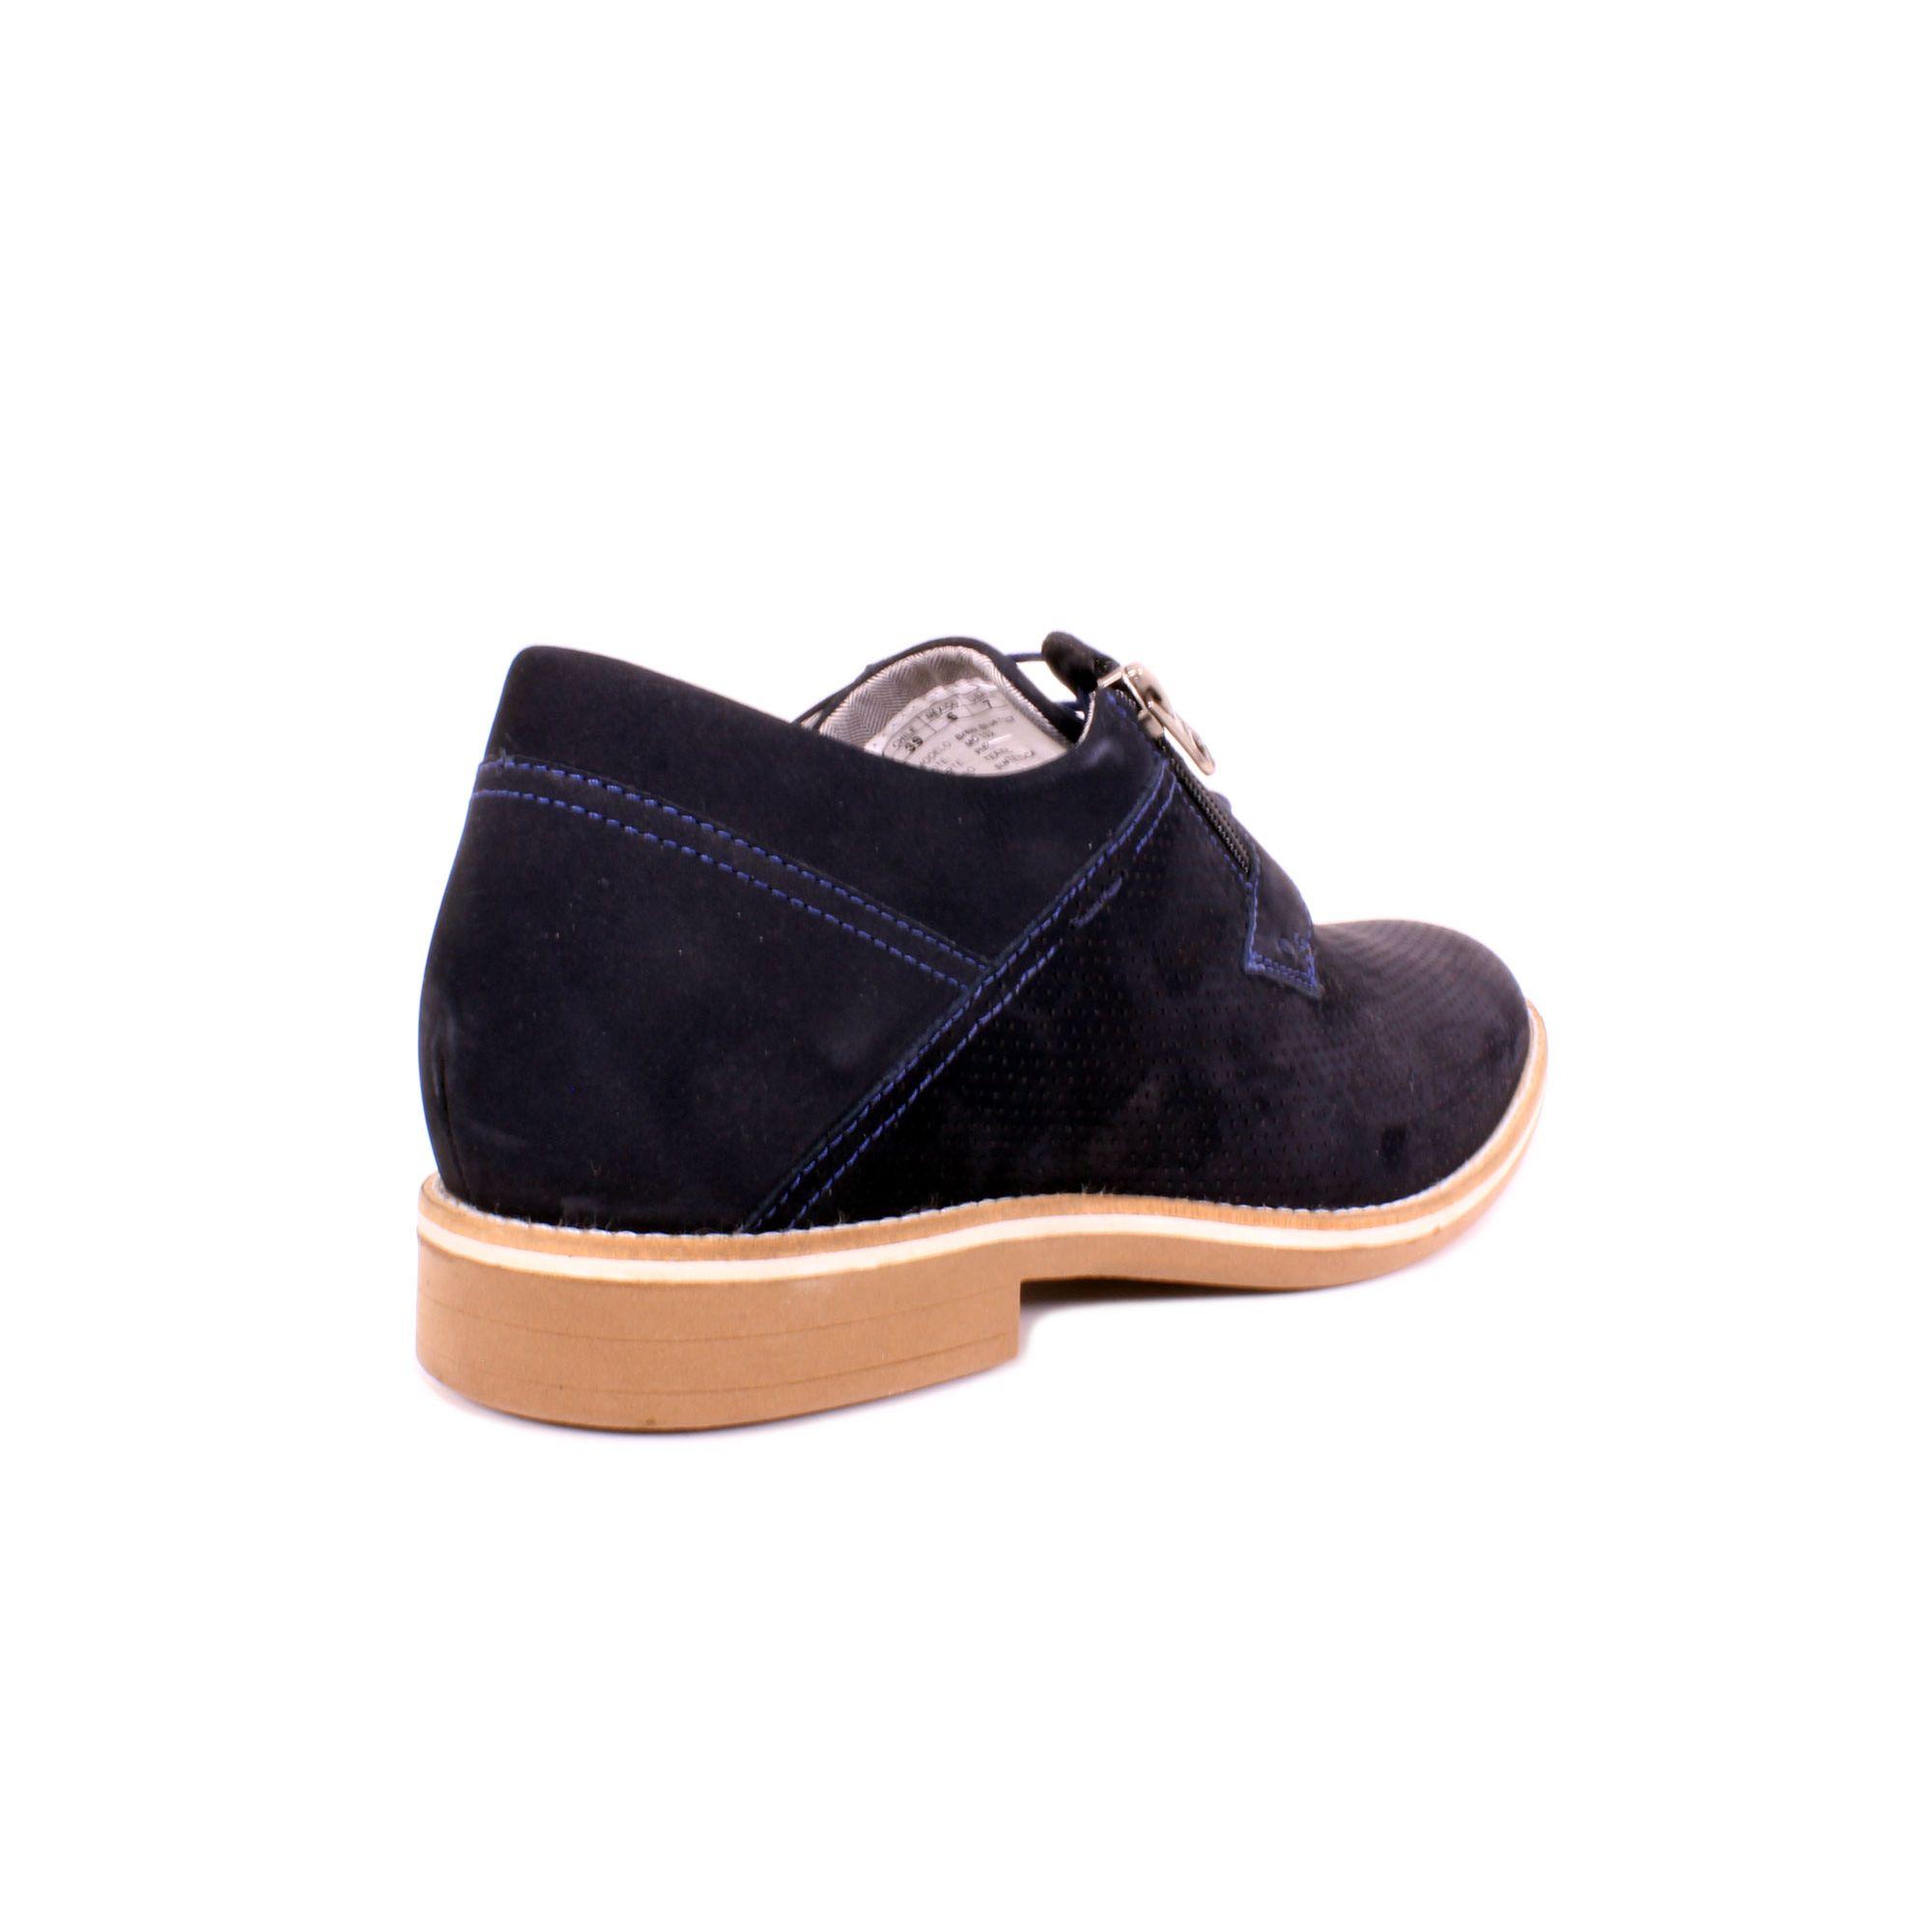 Zapato Casual Break Azul Max Denegri +7cm de Altura_70943